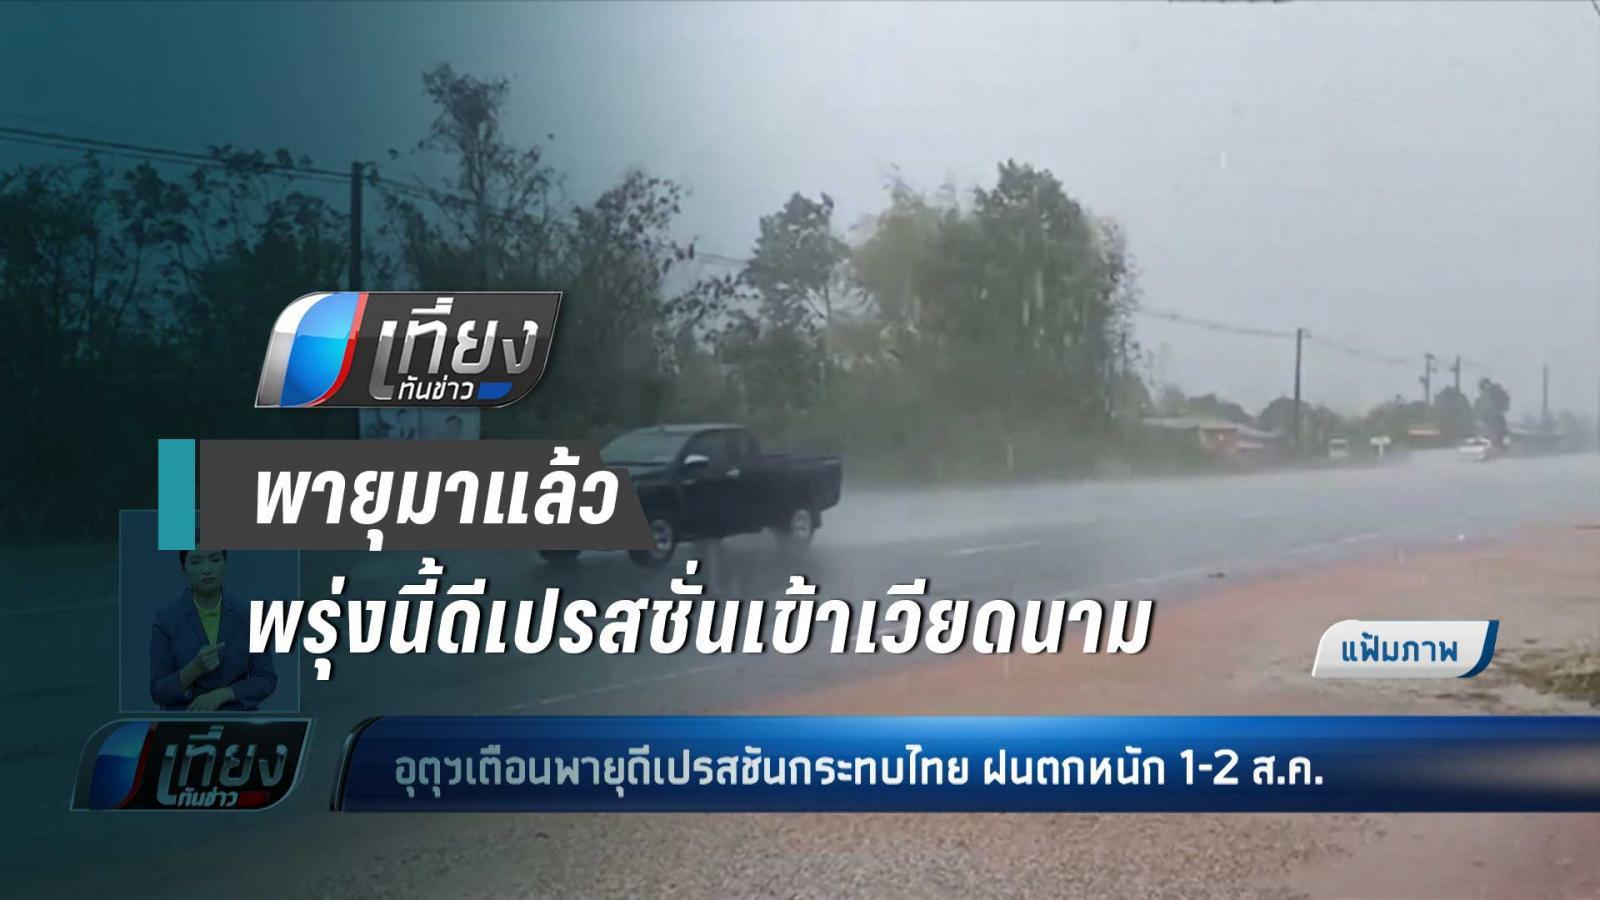 ระวังฝนตกหนัก!! กรมอุตุฯ ออกประกาศเตือนพายุดีเปรสชั่นเข้าเวียดนามพรุ่งนี้